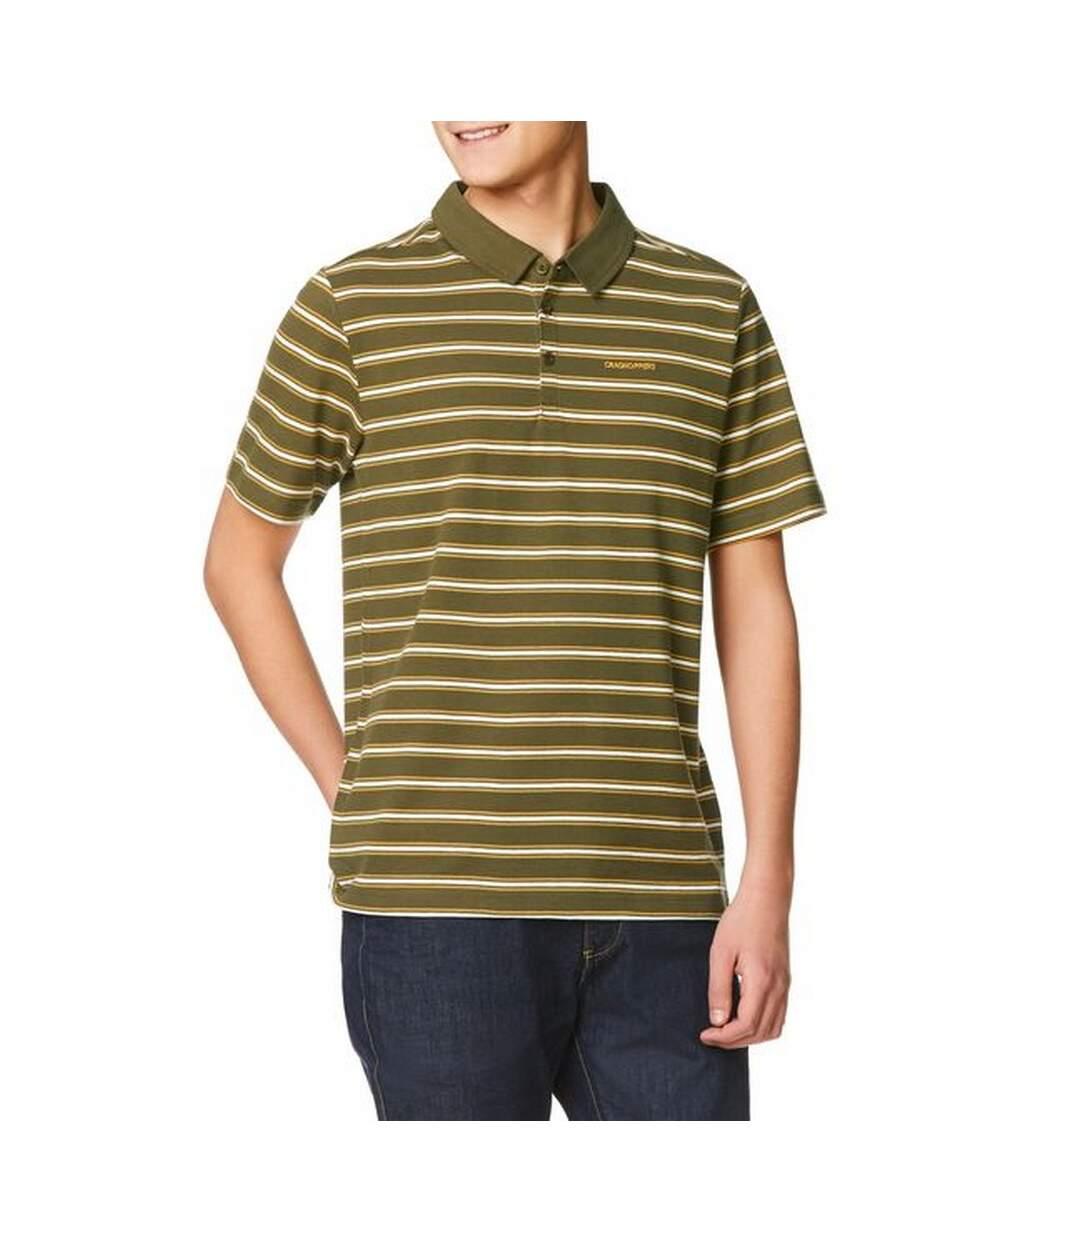 Craghoppers Mens Geraldton Short Sleeve Polo Shirt (Dark Moss Stripe) - UTCG926